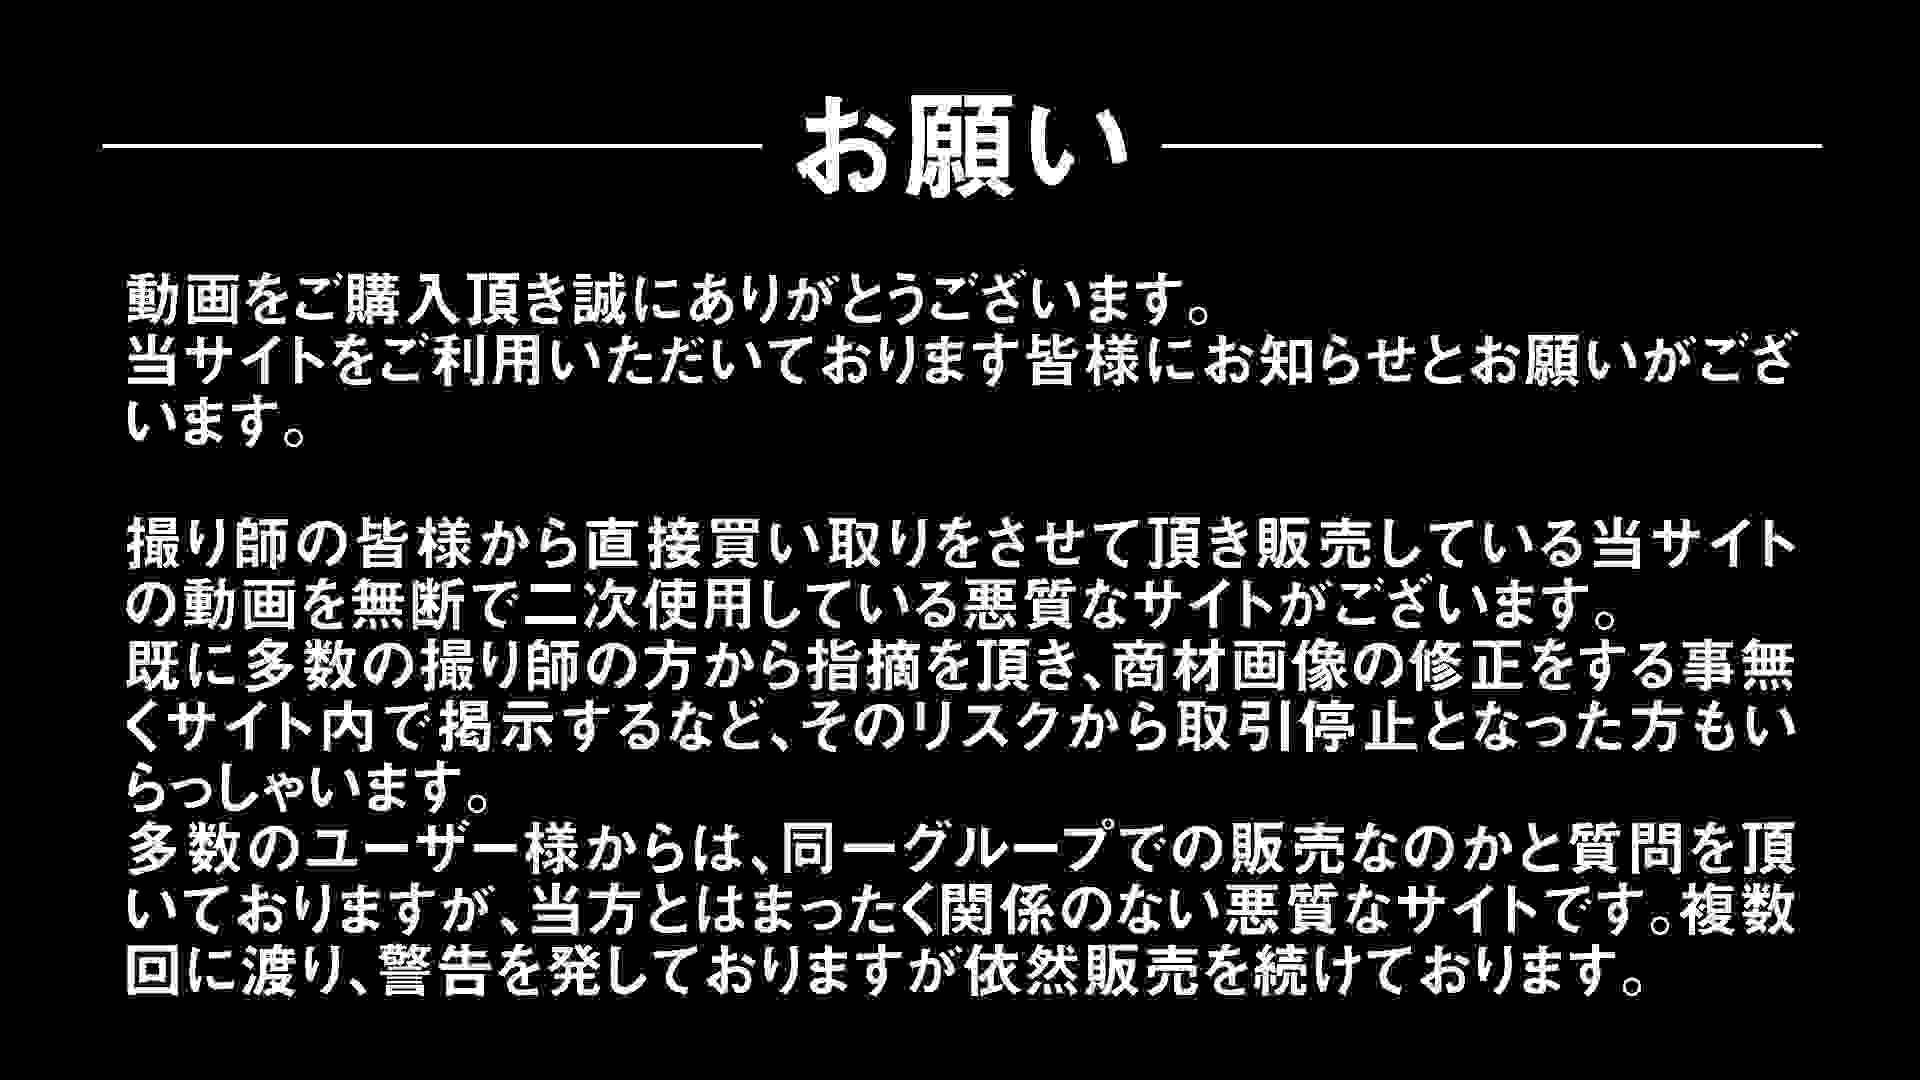 Aquaな露天風呂Vol.300 盗撮シリーズ  110PIX 30